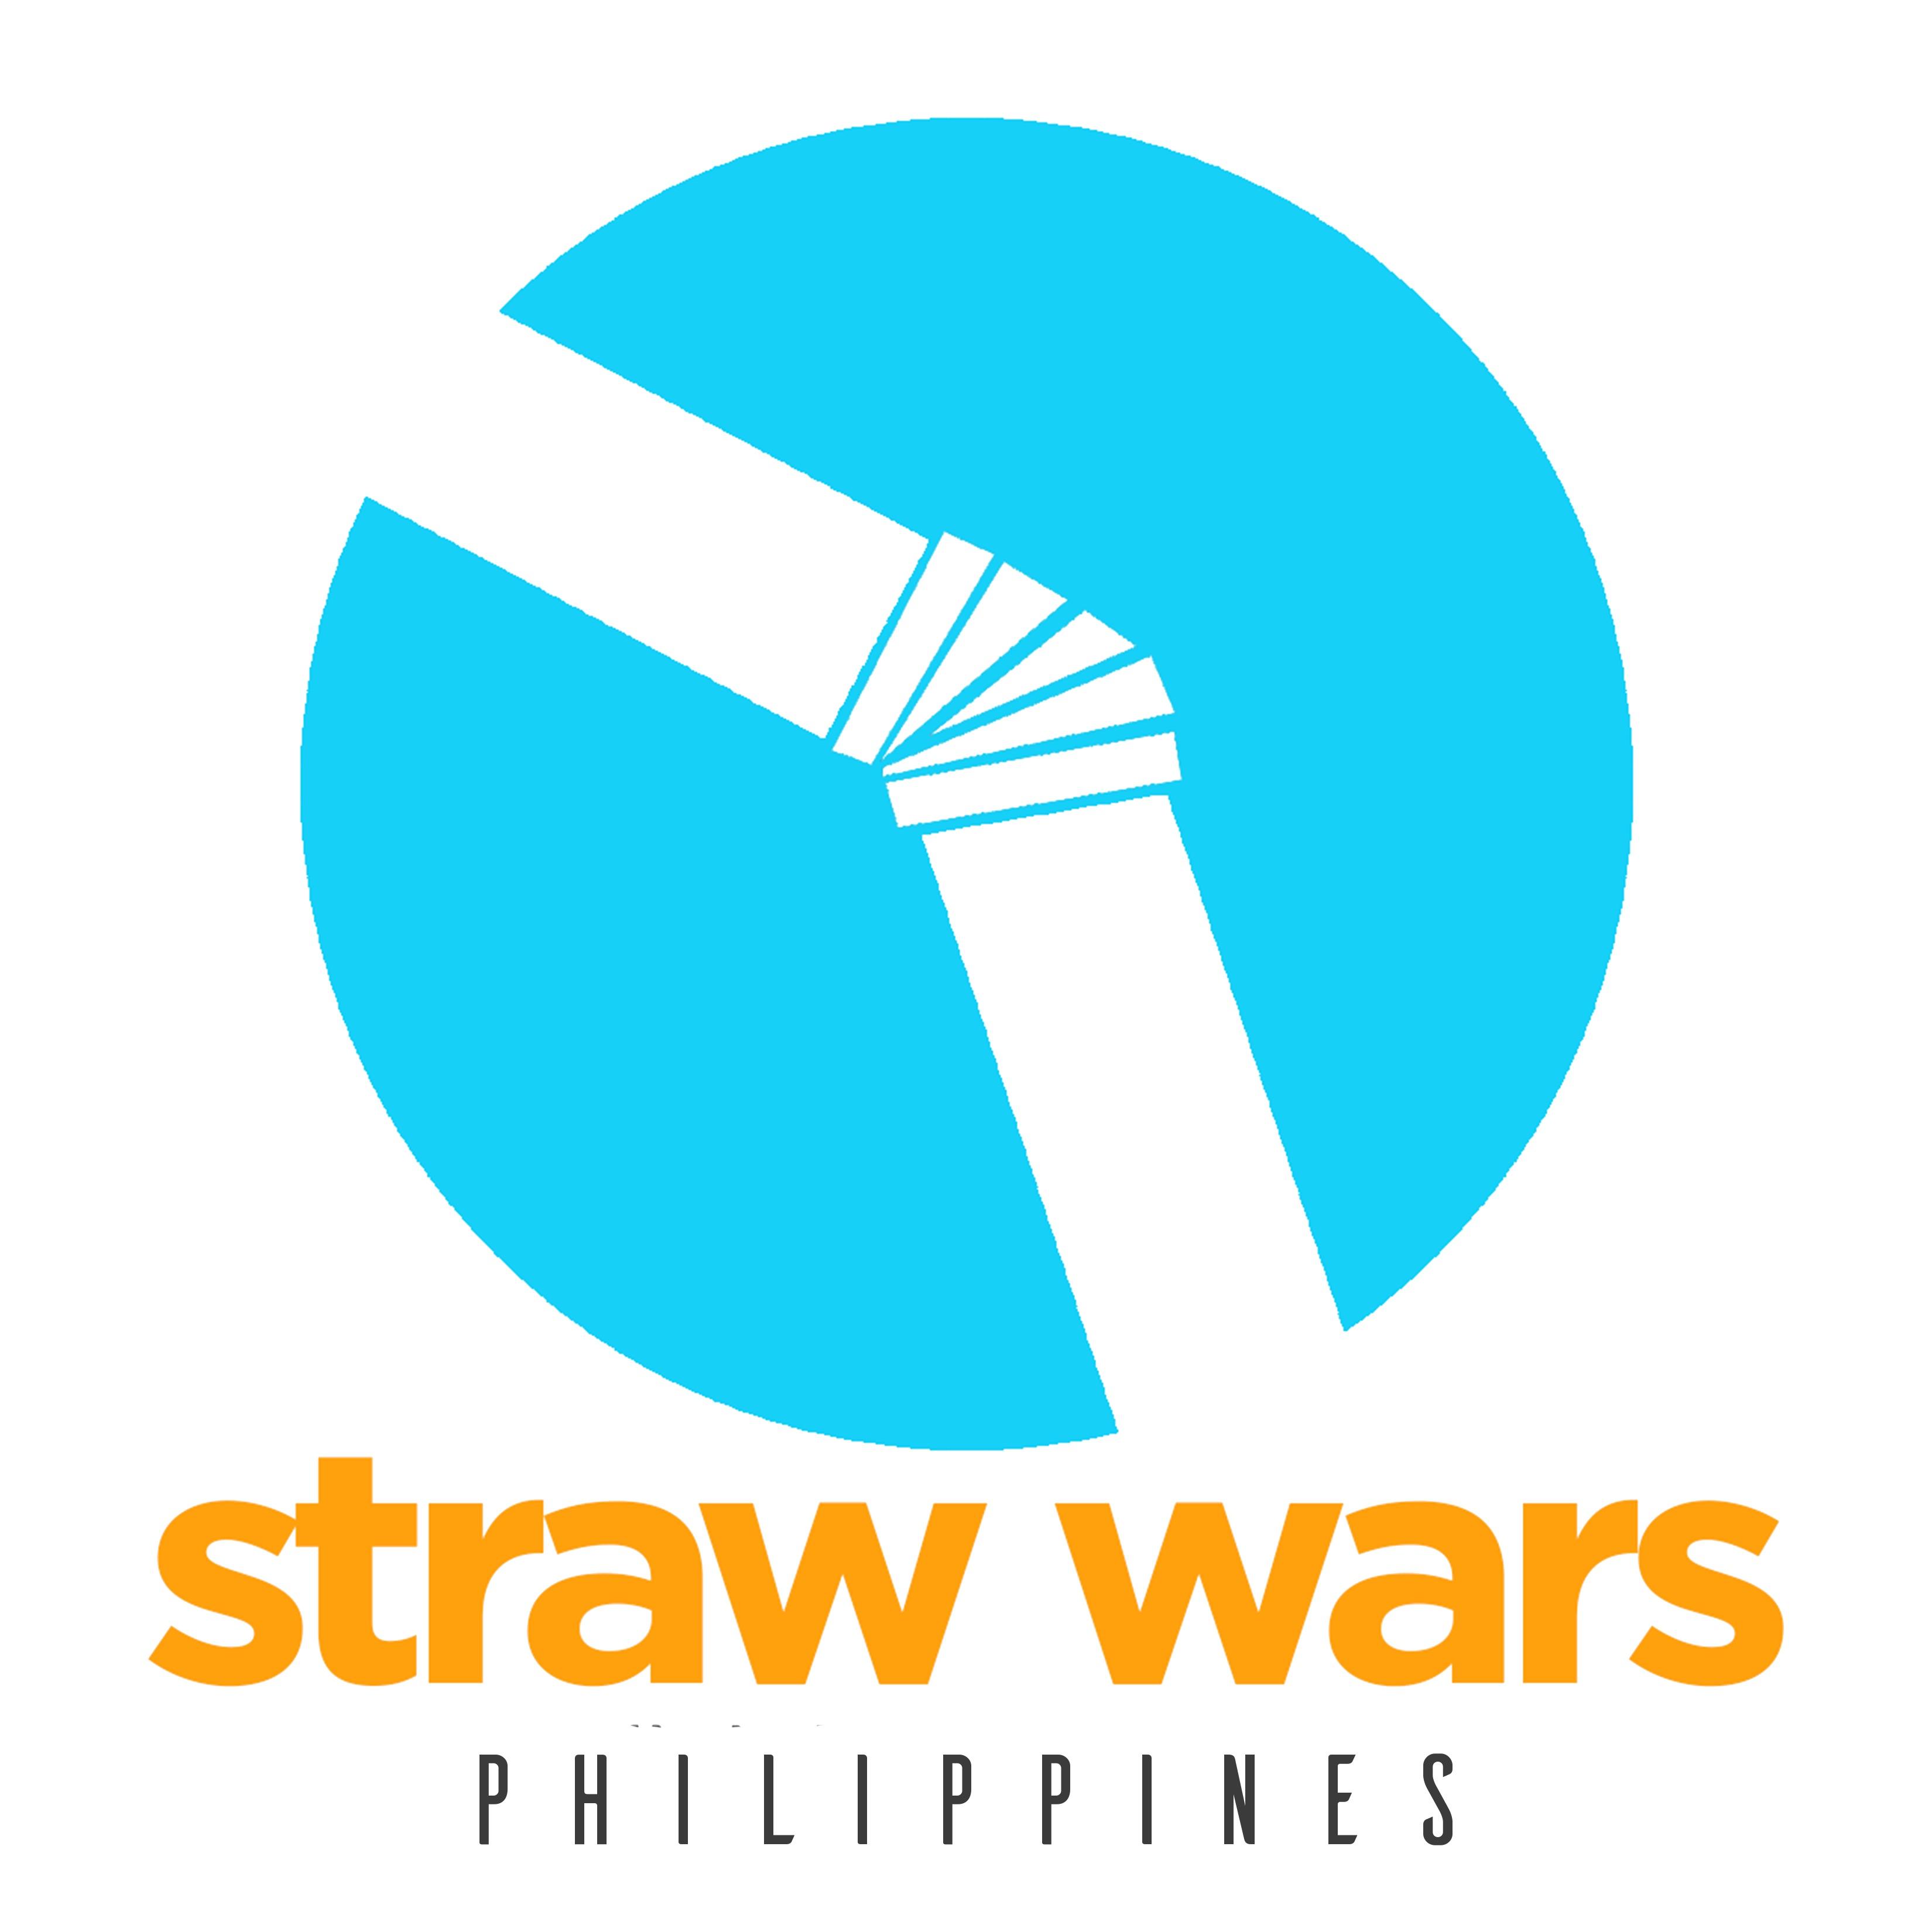 Straw Wars Philippines